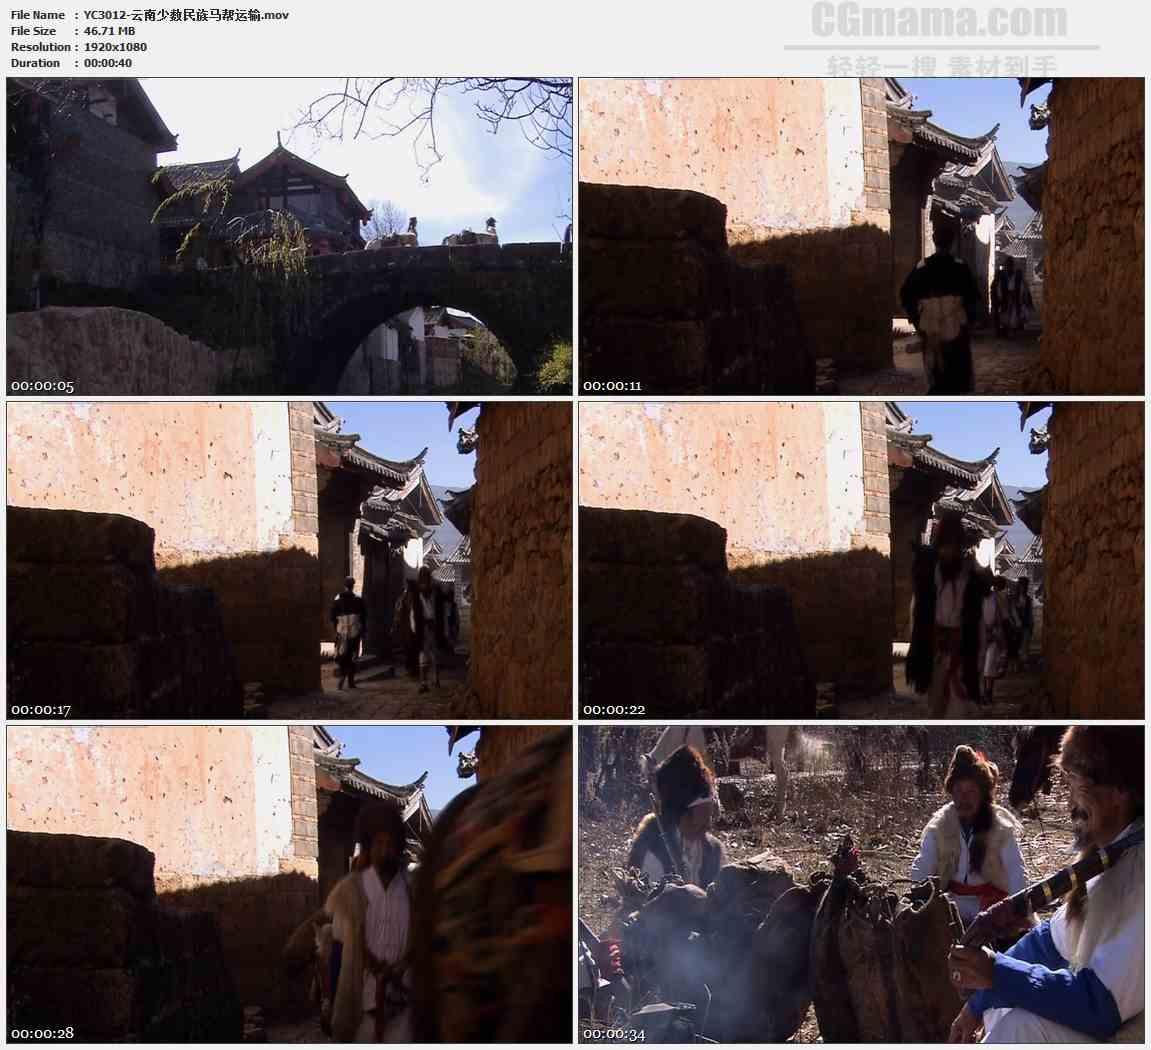 YC3012-云南少数民族马帮运输高清实拍视频素材